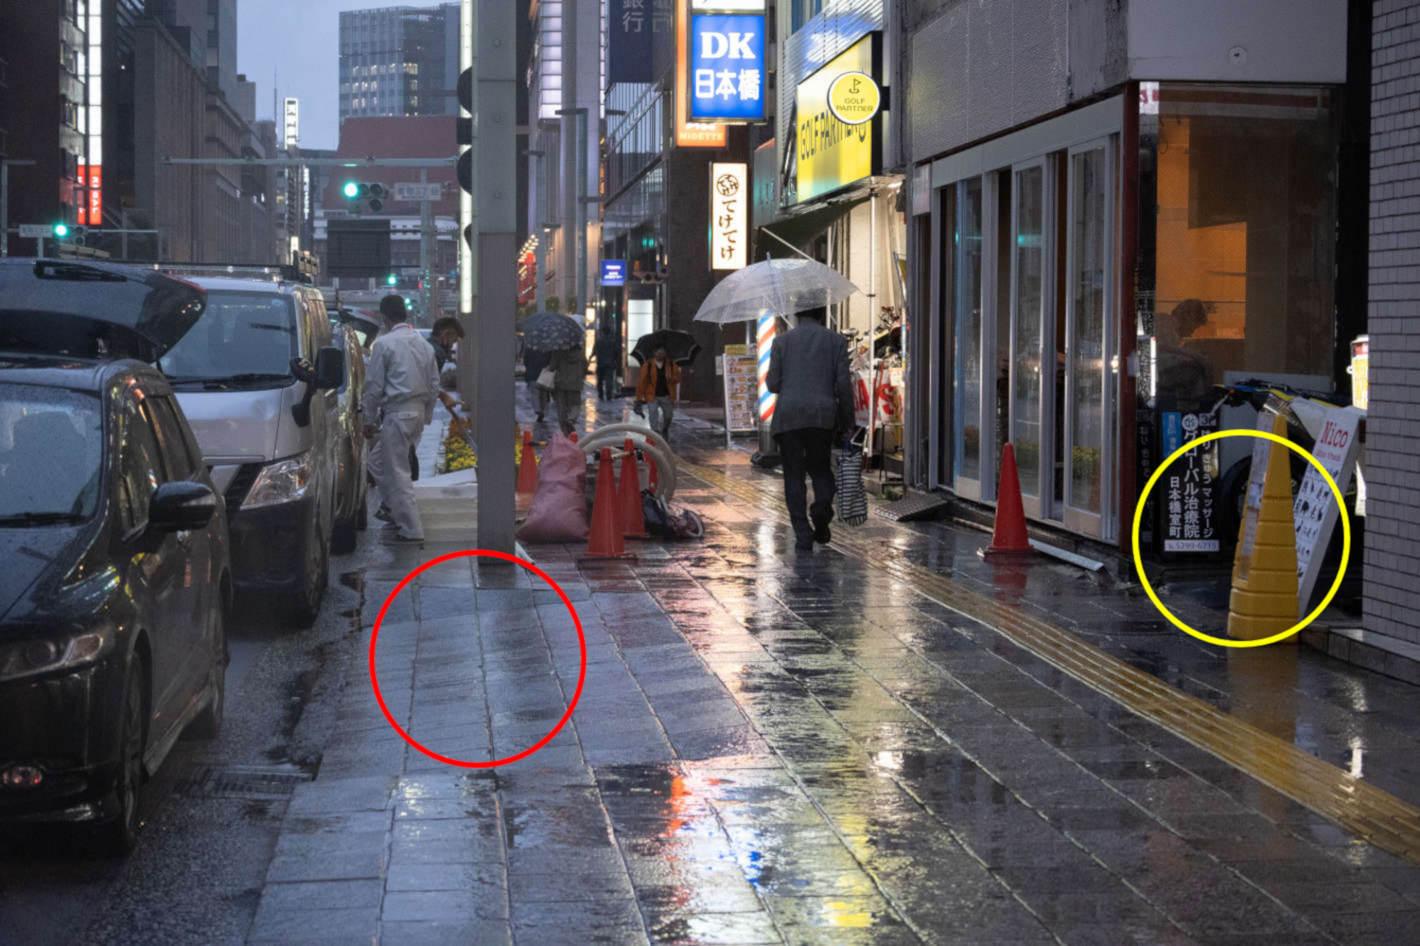 雨の日の散歩がきっと楽しくなる!傘やぬれた路面を生かした撮影の裏側を紹介